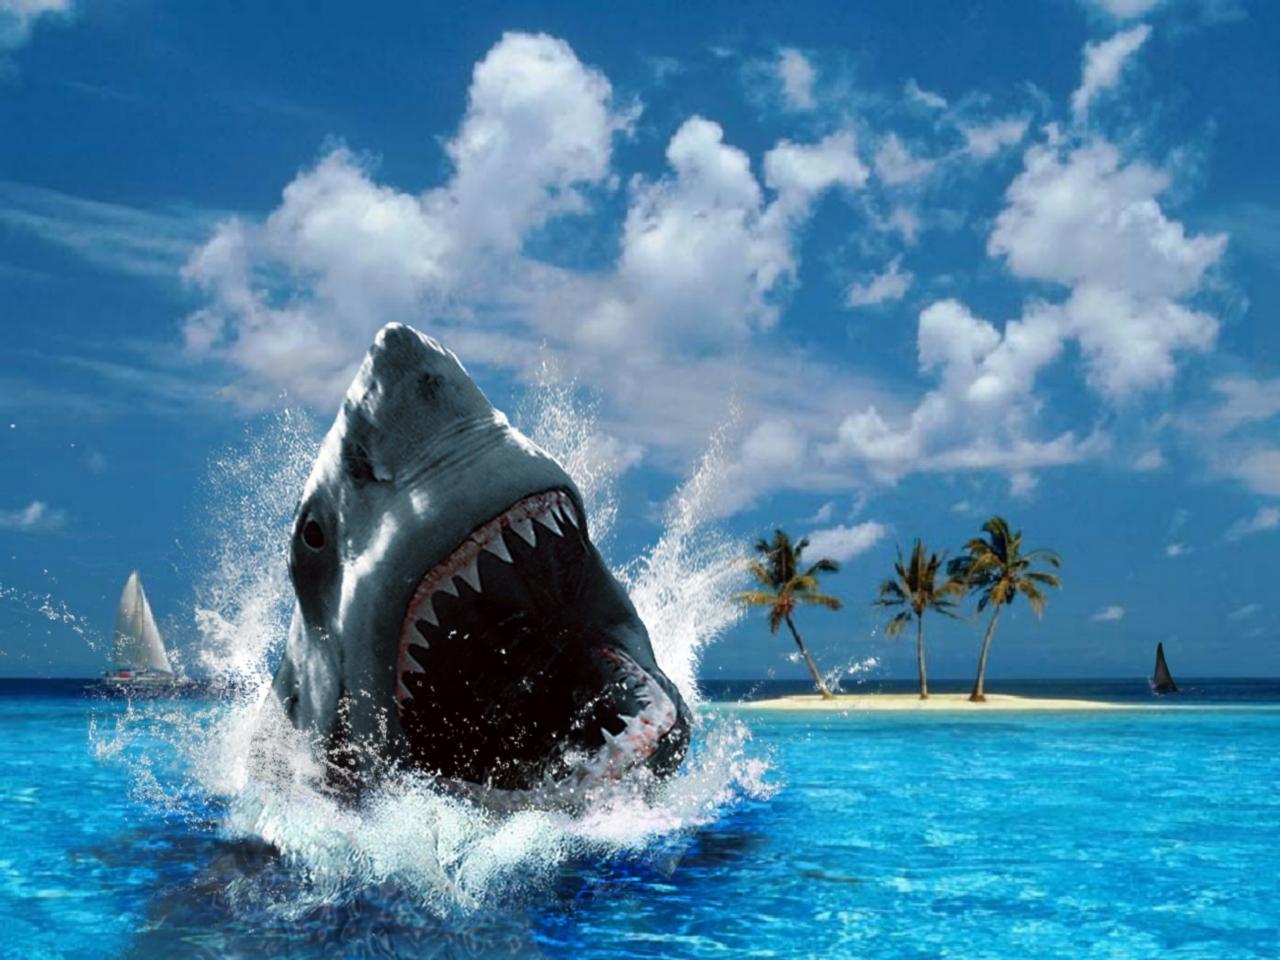 Great White Shark Australia For Desktop - great white shark australia wallpapers